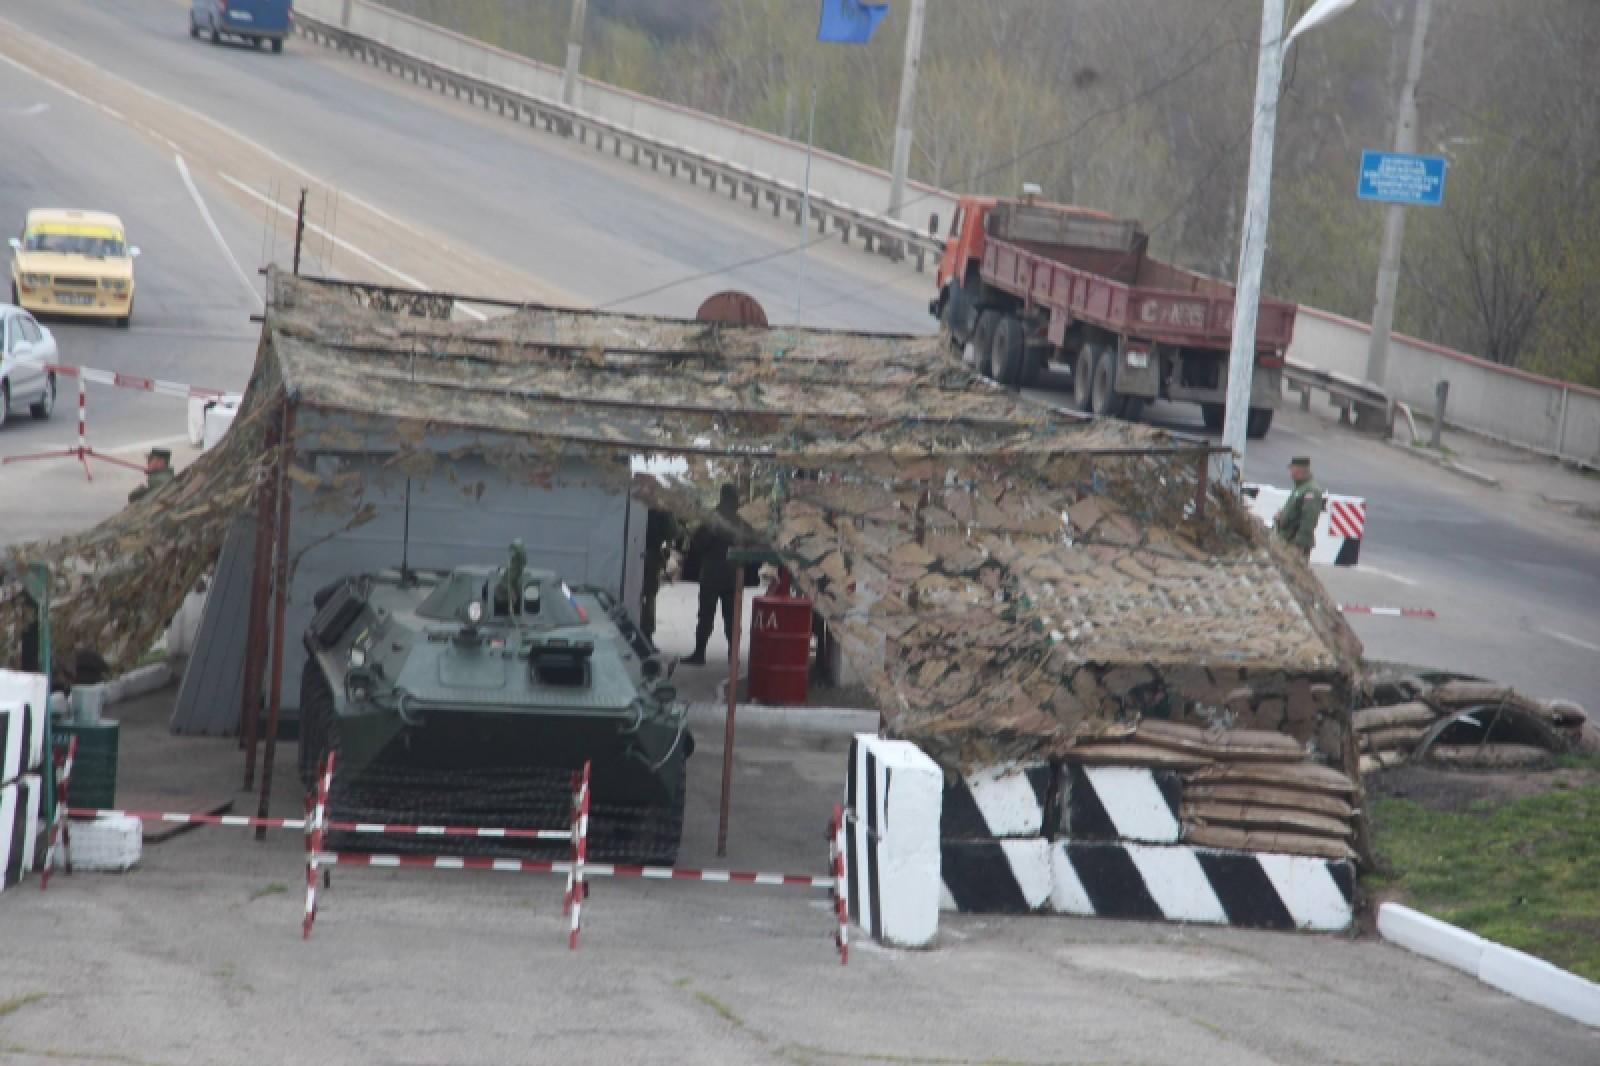 Delegația transnistreană în CUC continuă să sfideze angajamentele asumate și insistă pe sistarea circulației libere pe podul de peste râul Nistru